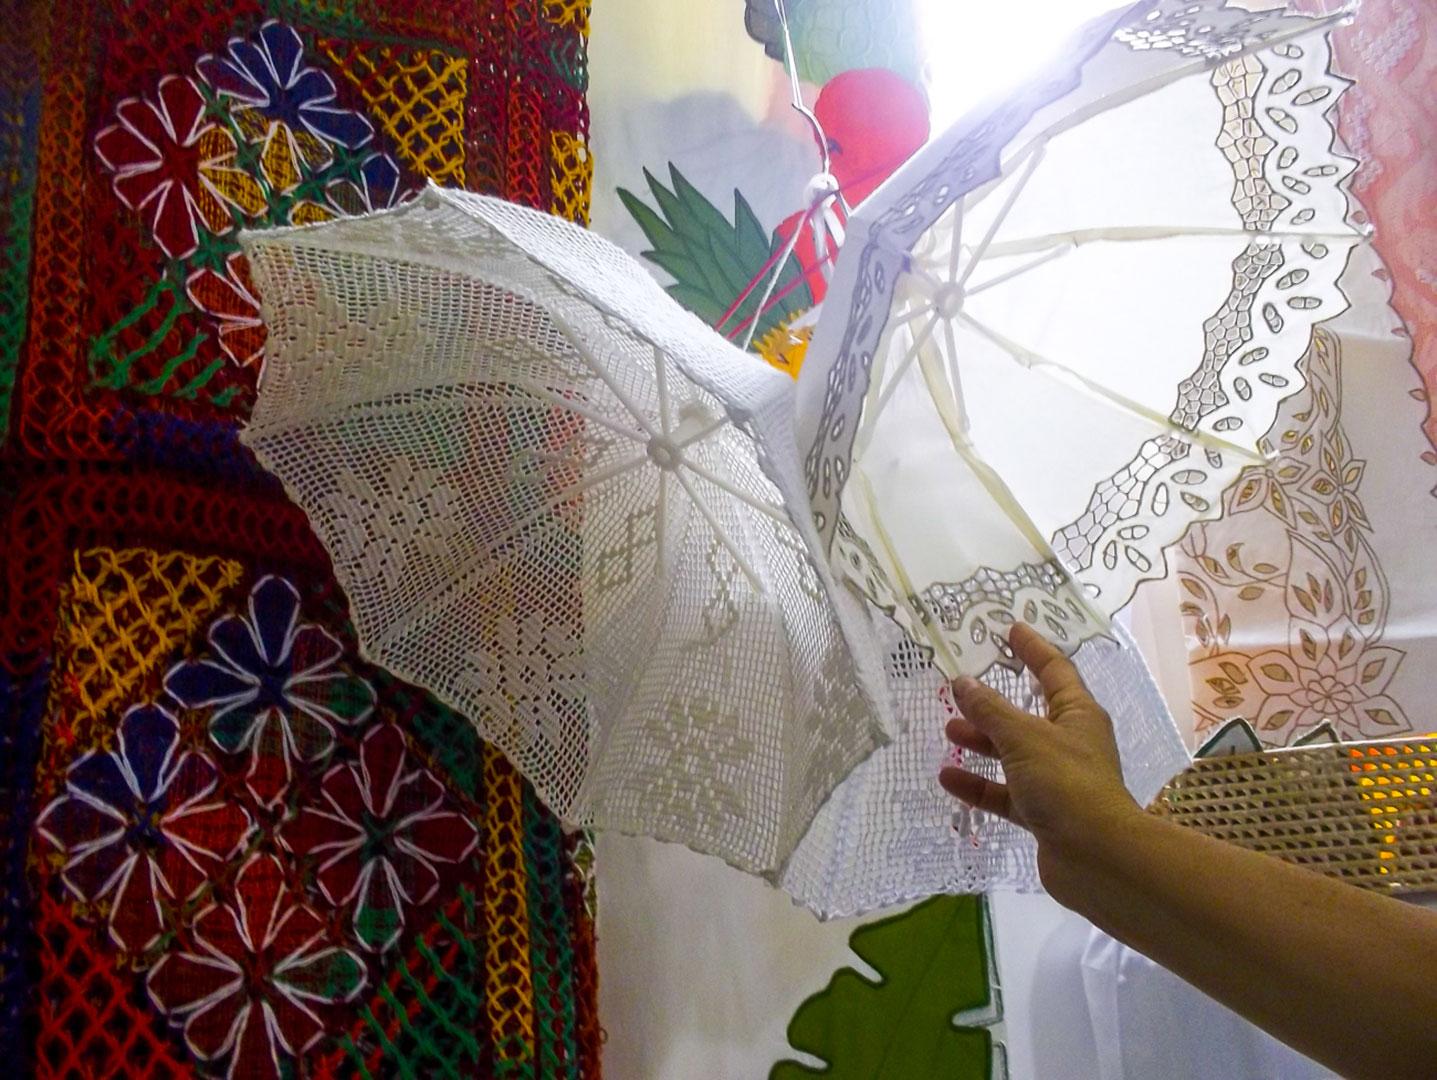 Fortaleza-Brazil-by-Polina-Paraskevopoulou-la-vie-en-blog-16